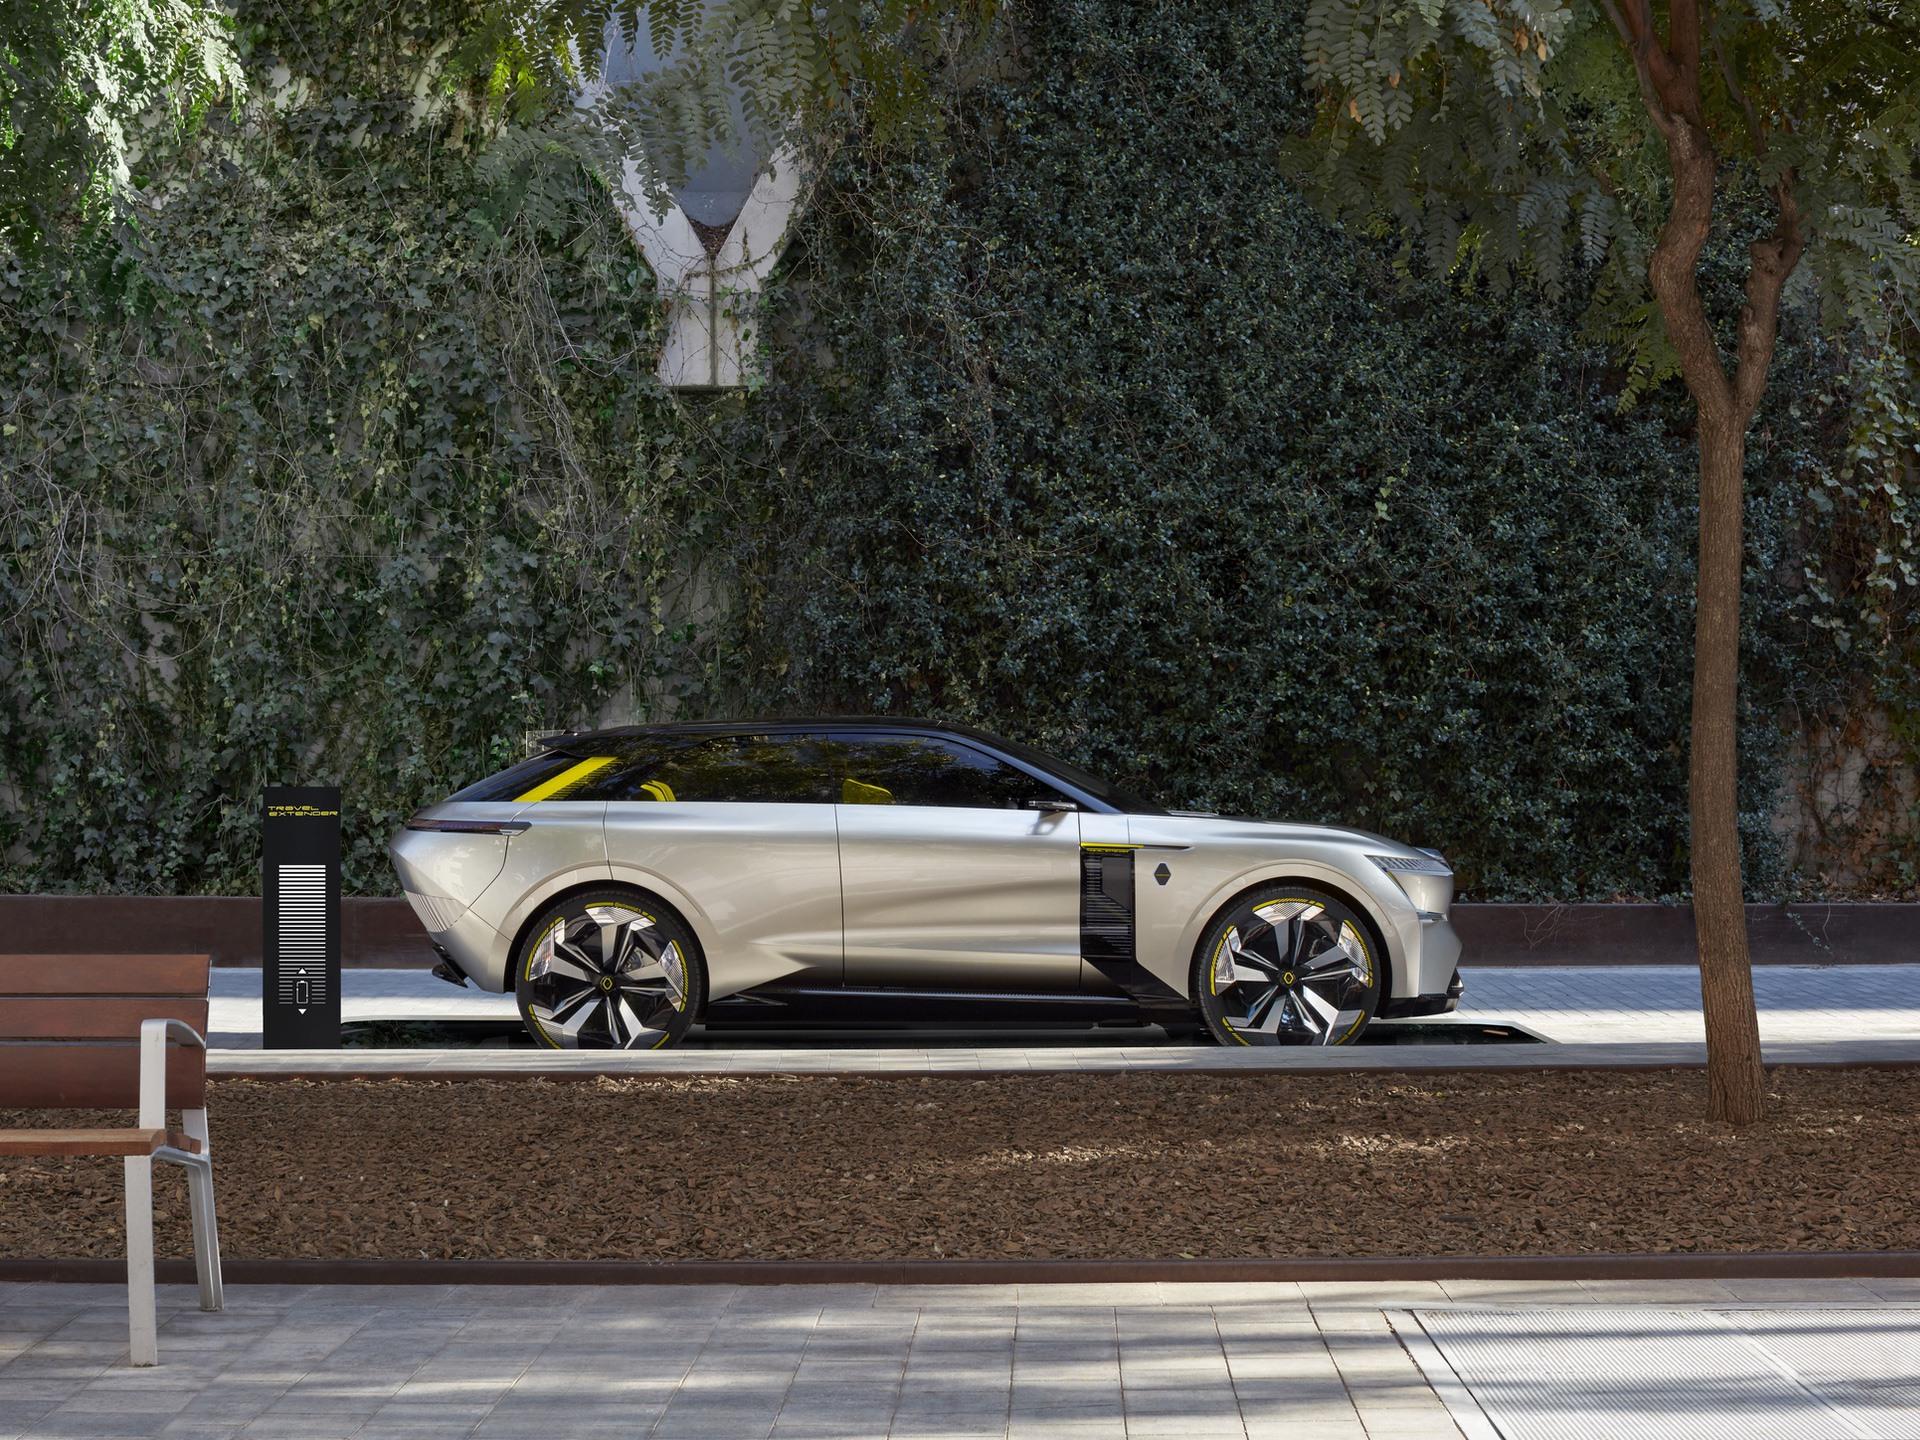 Renault_Morphoz_concept_0001